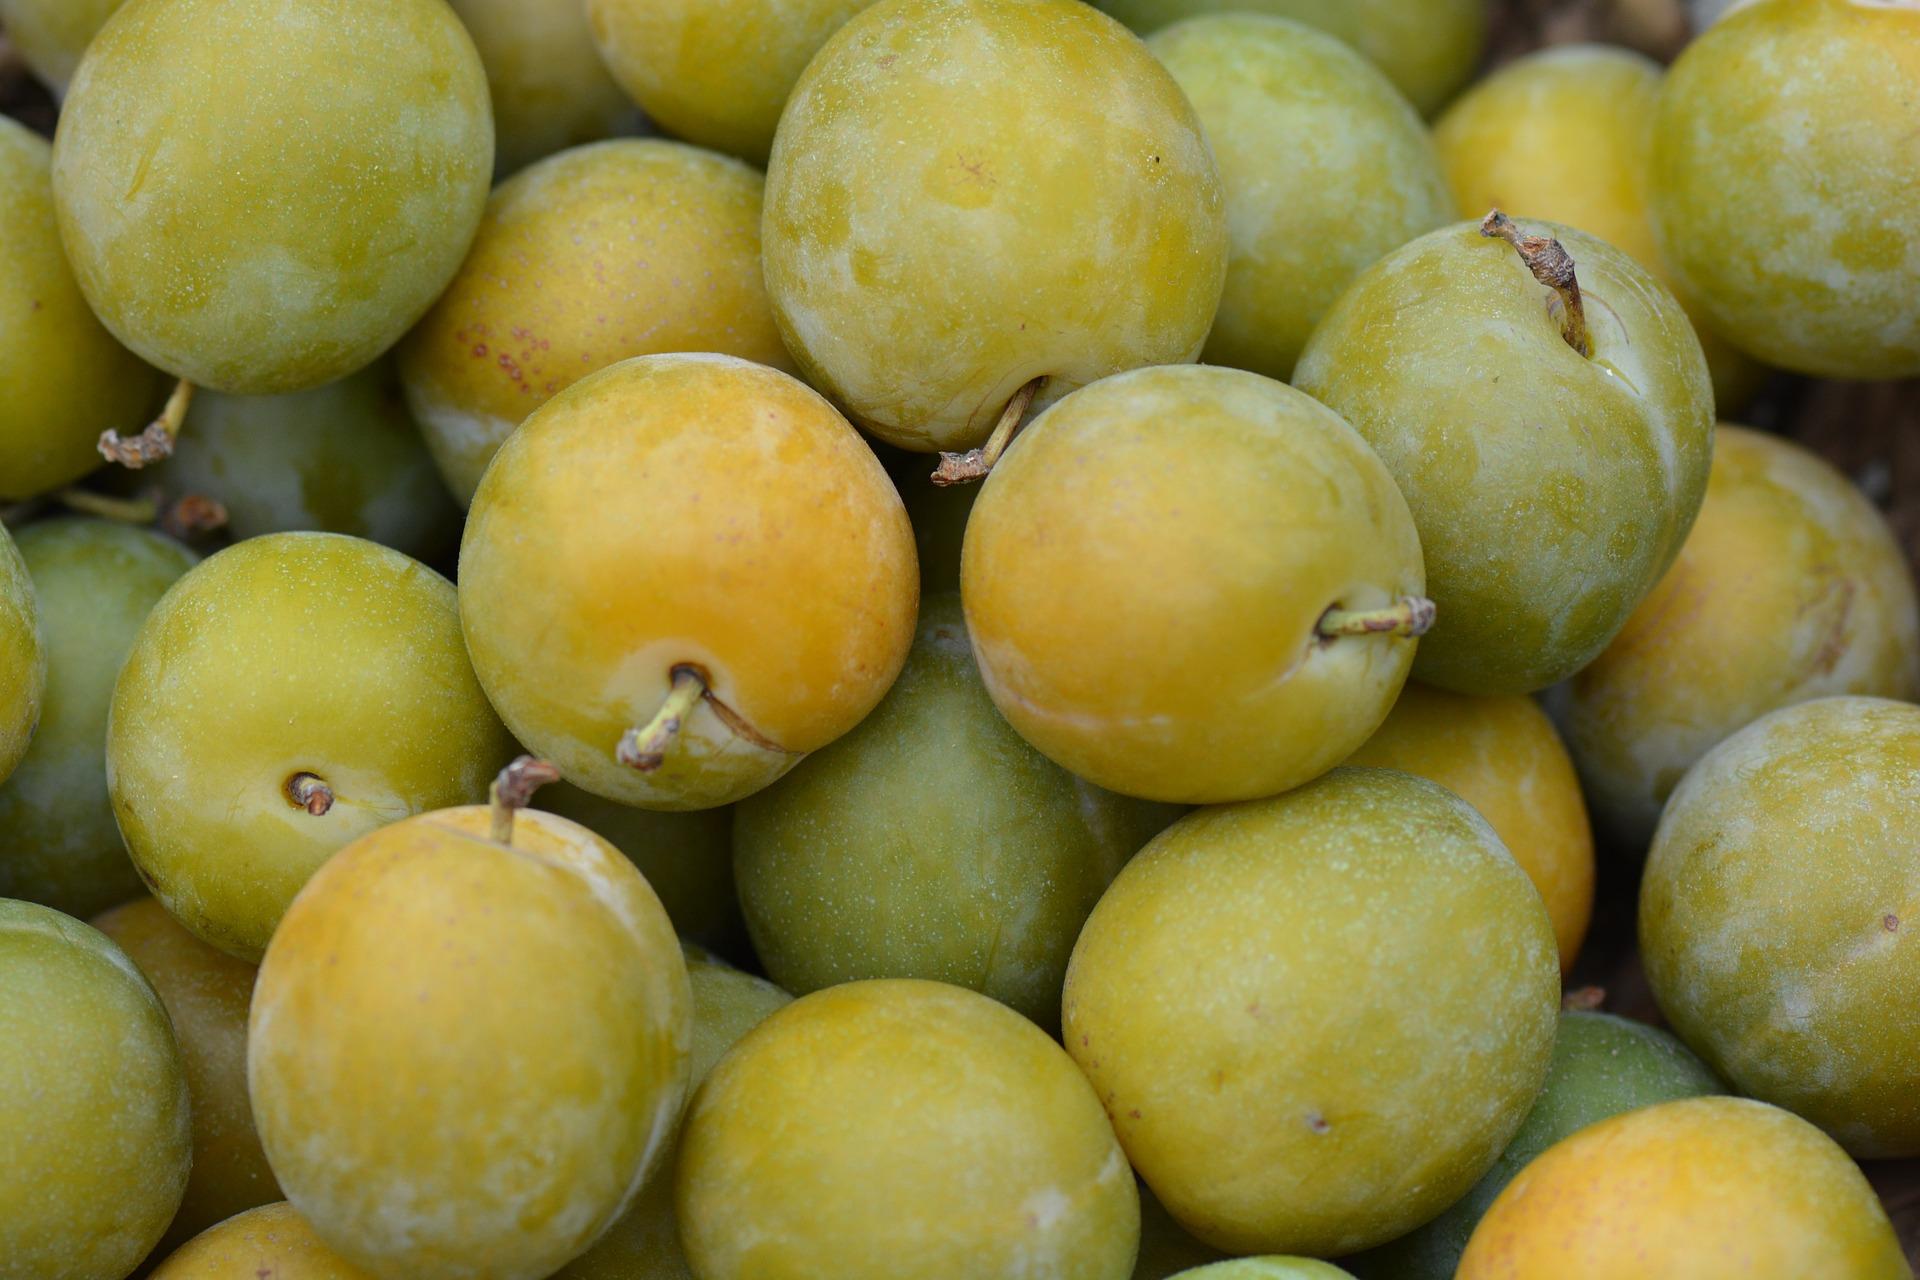 De ideale vrucht